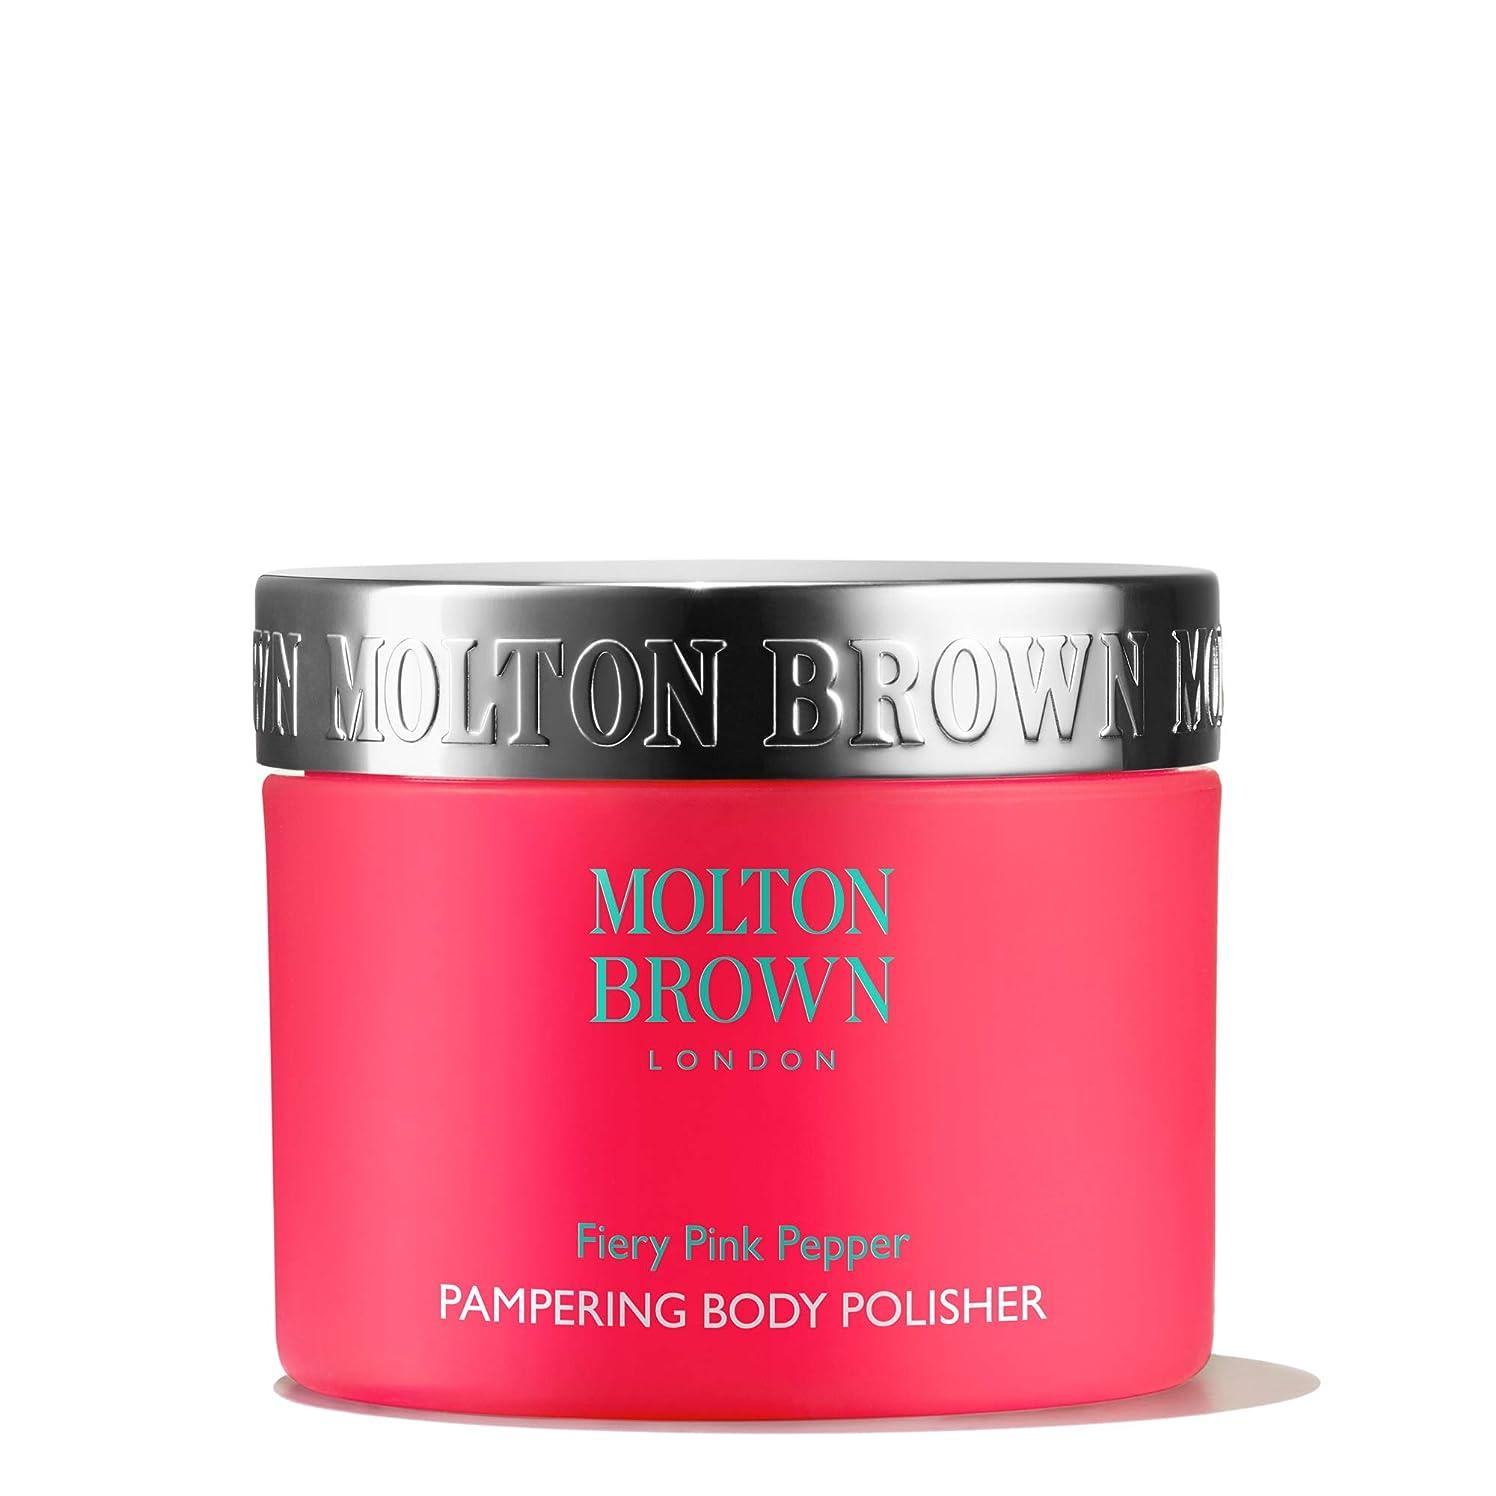 ランチエンゲージメント紳士MOLTON BROWN(モルトンブラウン) ファイアリー ピンクペッパー パンパリング ボディポリッシャー